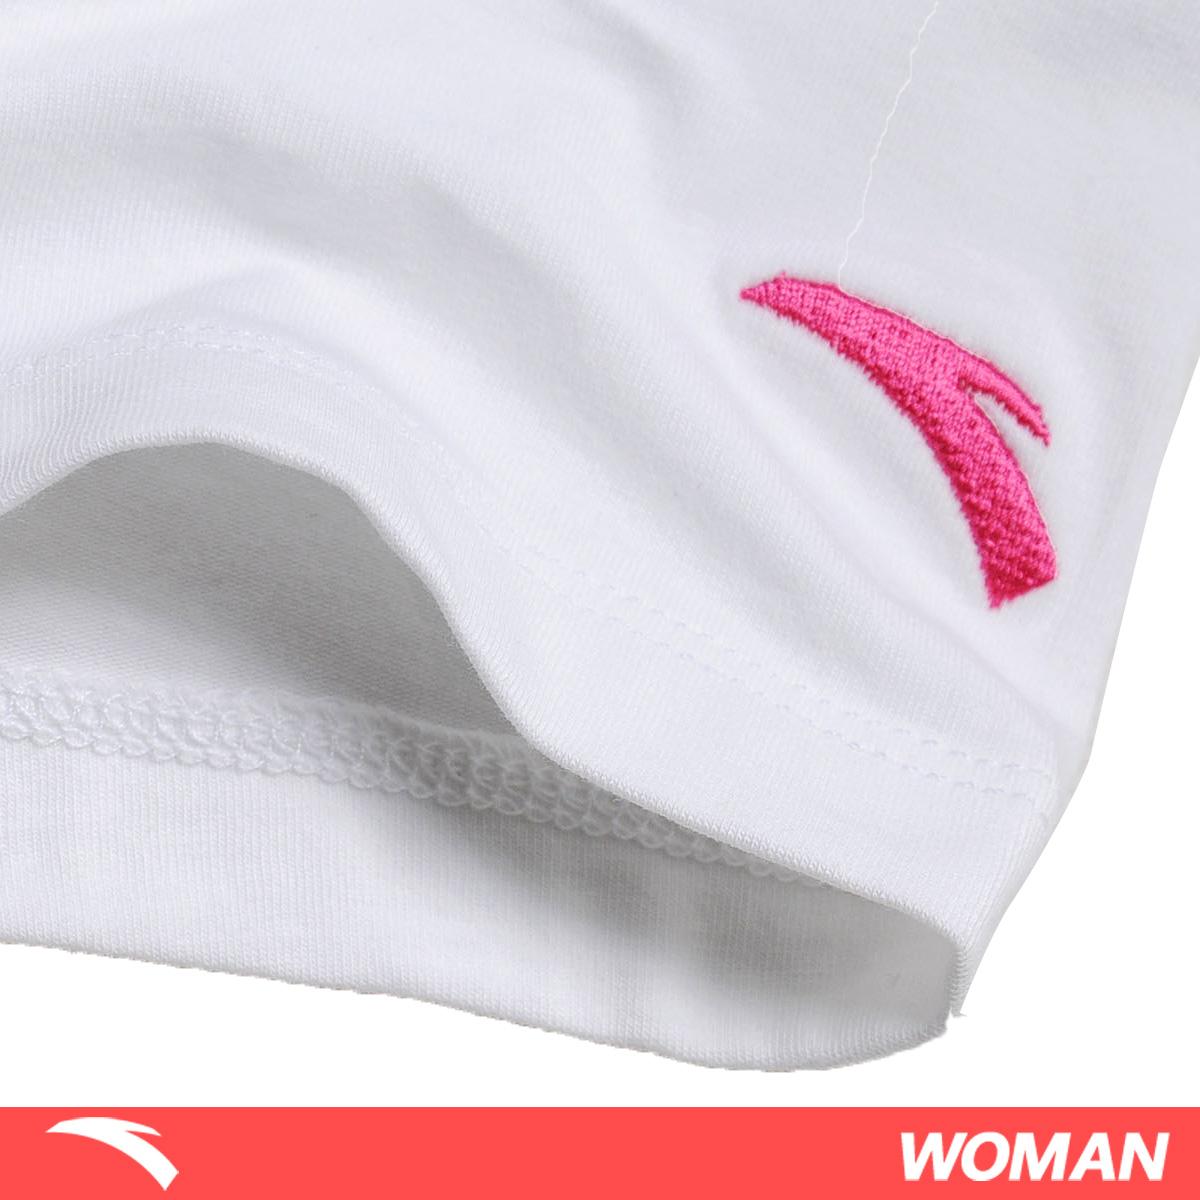 Спортивная футболка Anta 16122146/1 16122146-1 Стандартный О-вырез Короткие рукава ( ≧35cm ) Универсальные ткани Для спорта и отдыха Влагопоглощающие, Быстросохнущие, Воздухопроницаемые Логотип бренда